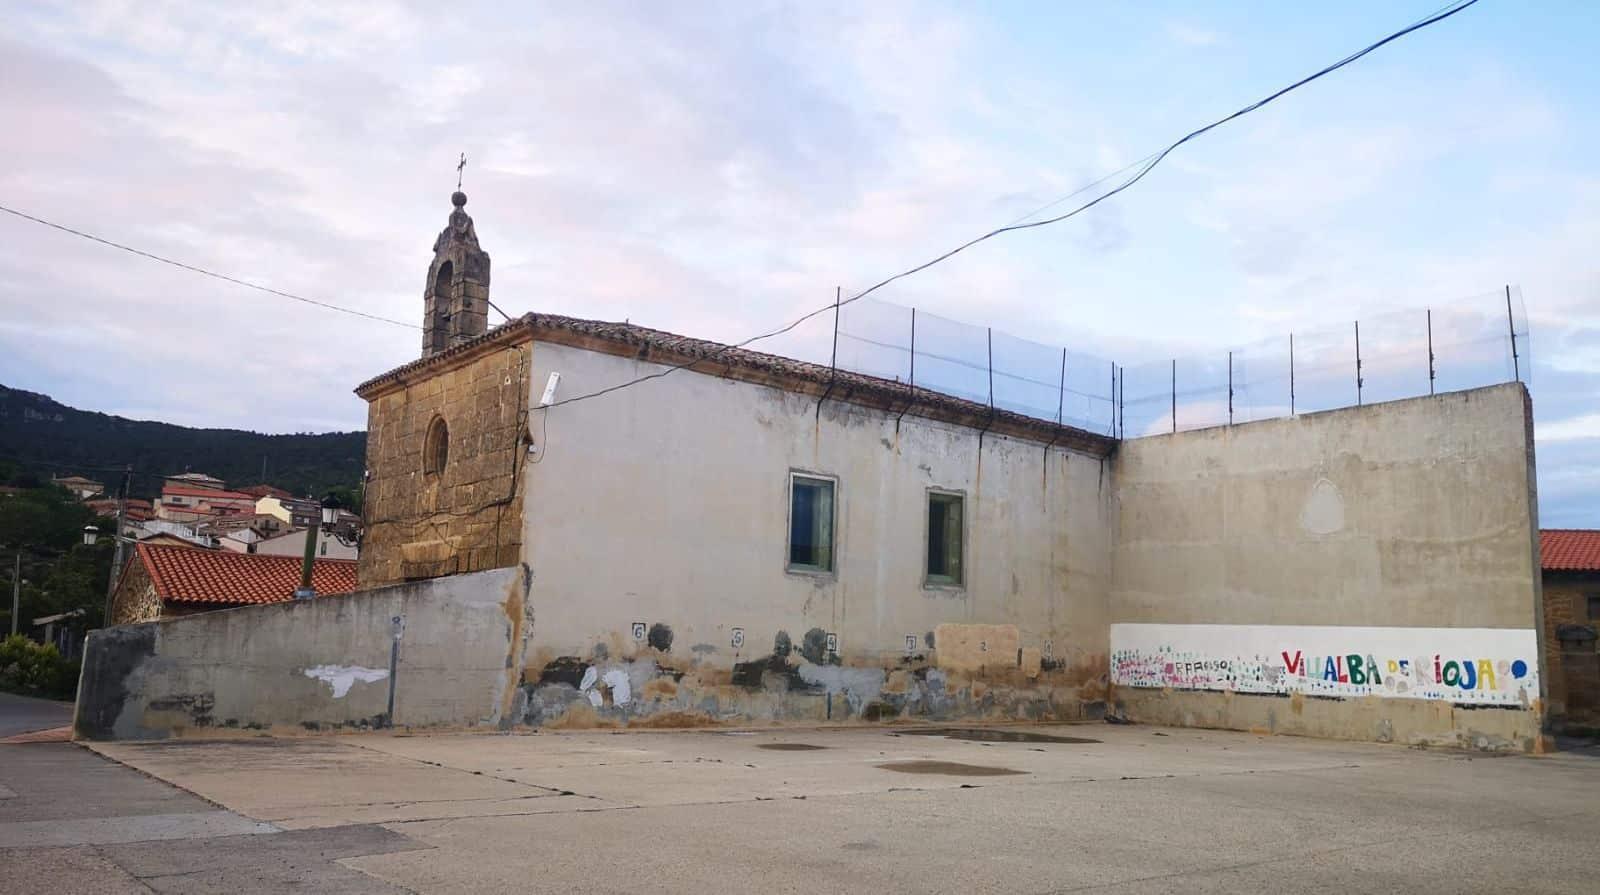 Villalba de Rioja acomete importantes obras de reparación de fugas de agua y mejoras de iluminación 1